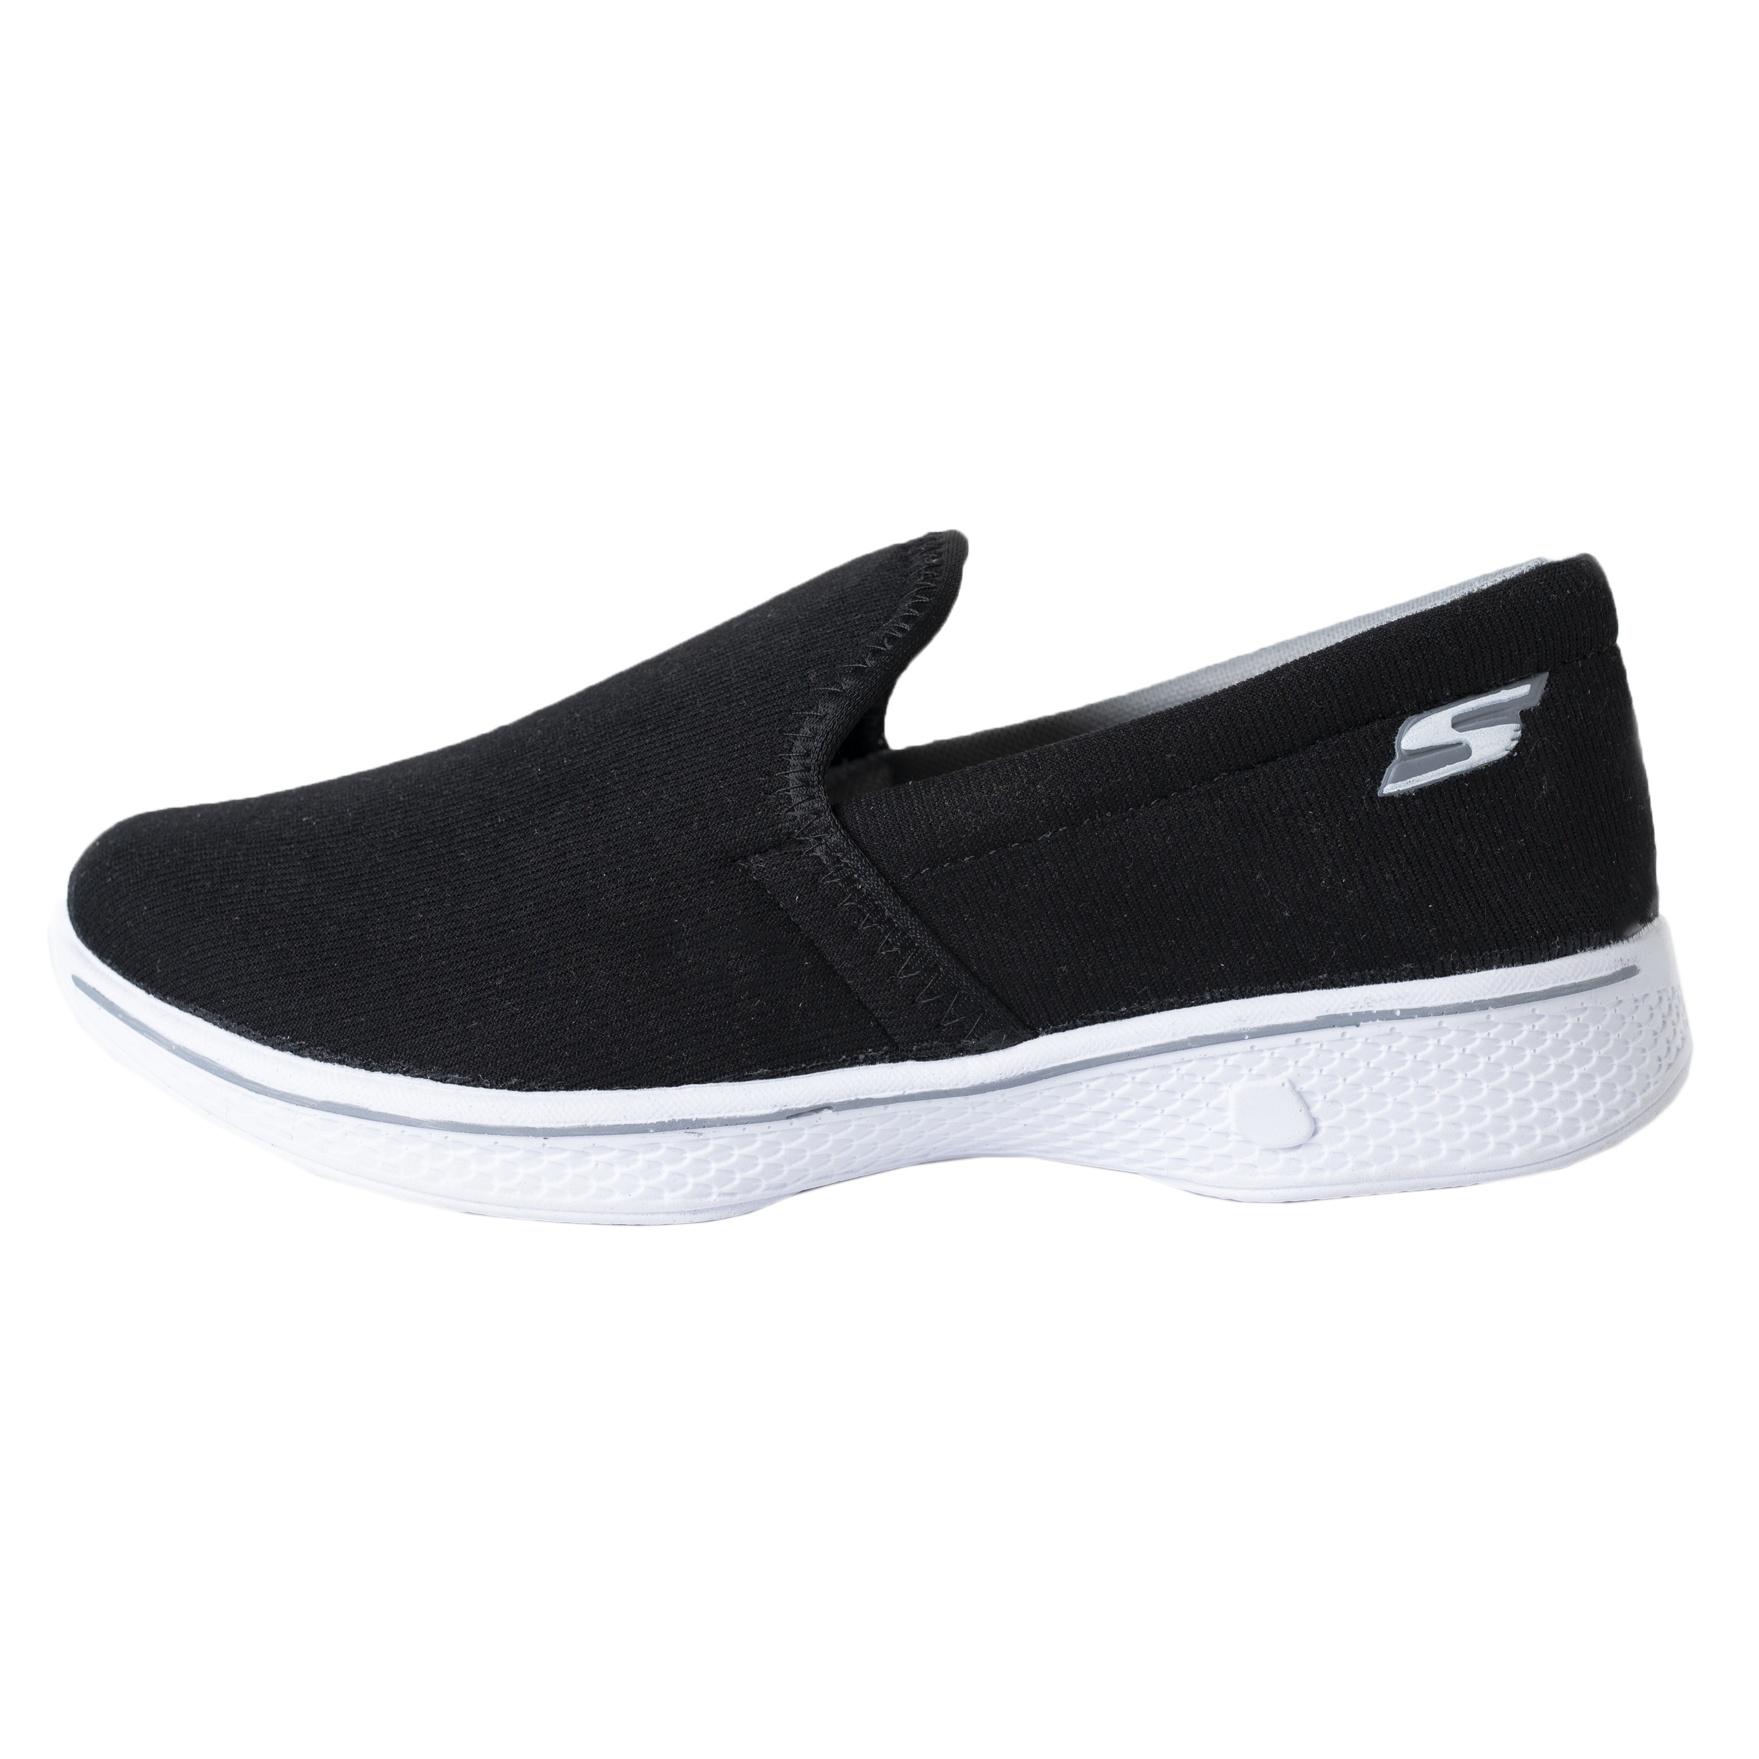 کفش مخصوص پیاده روی زنانه کد 732-522